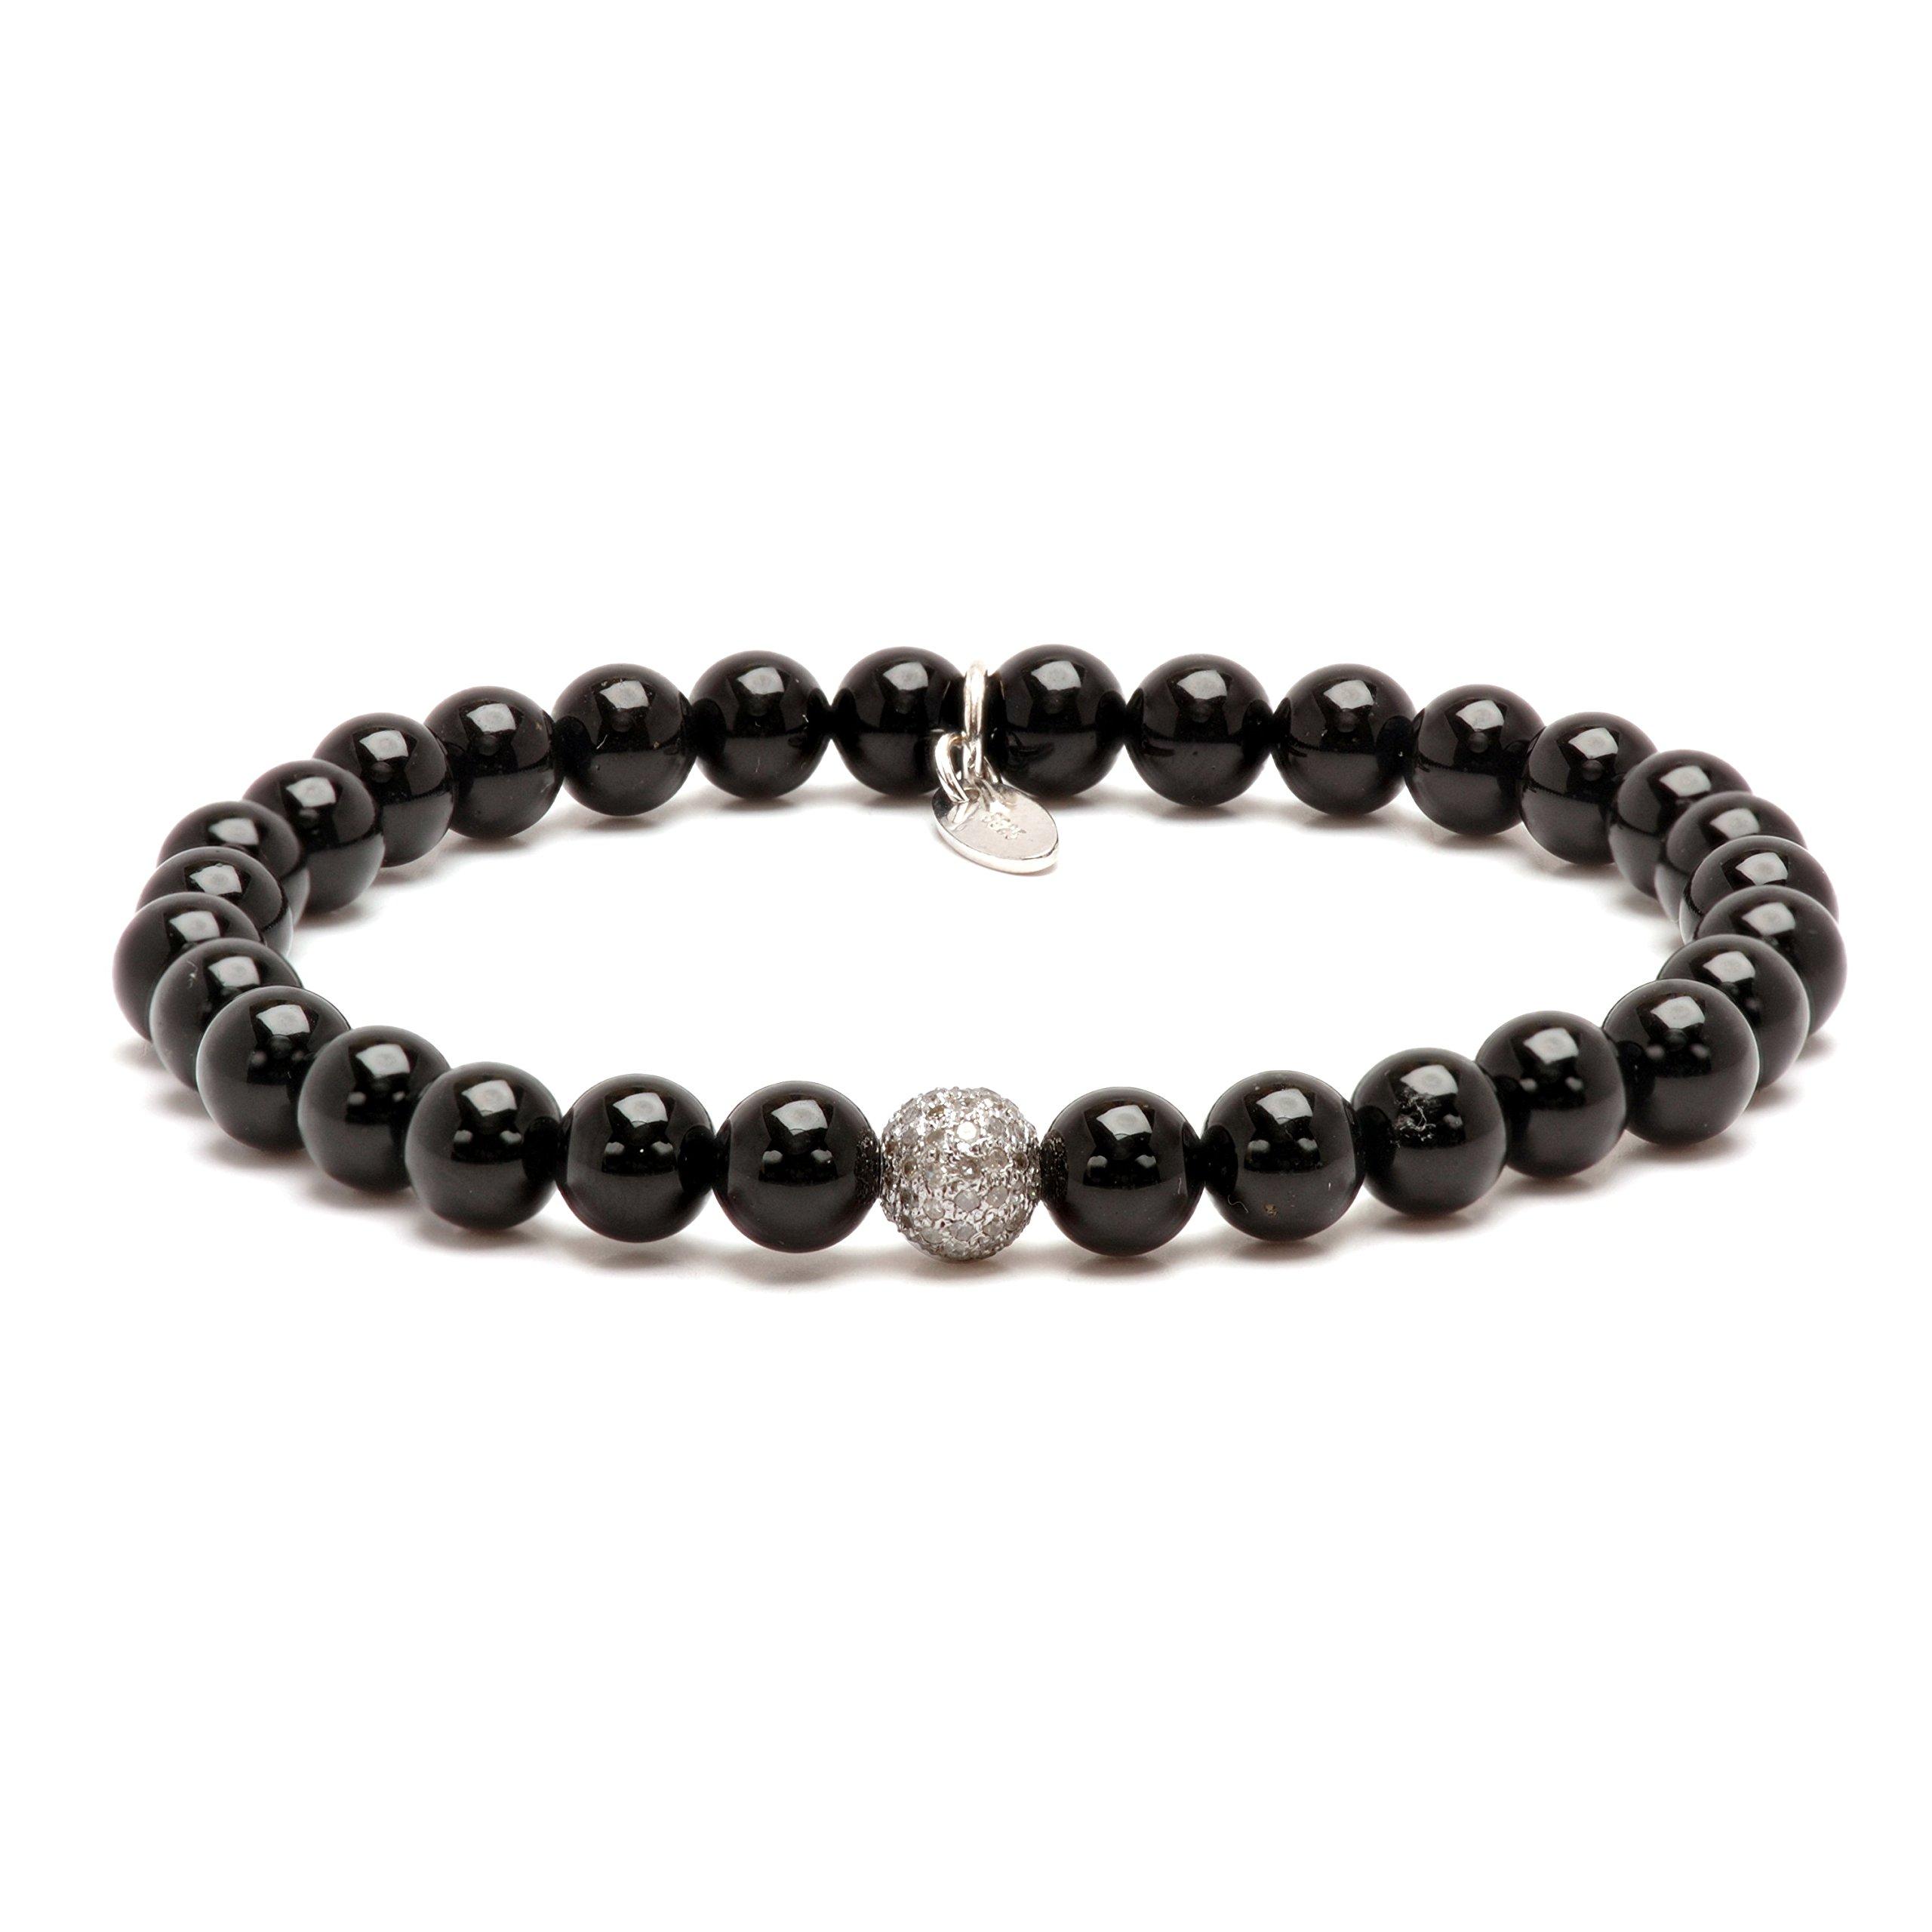 Mens Onyx Diamond Sterling Silver Bead Stretch Bracelet (White)